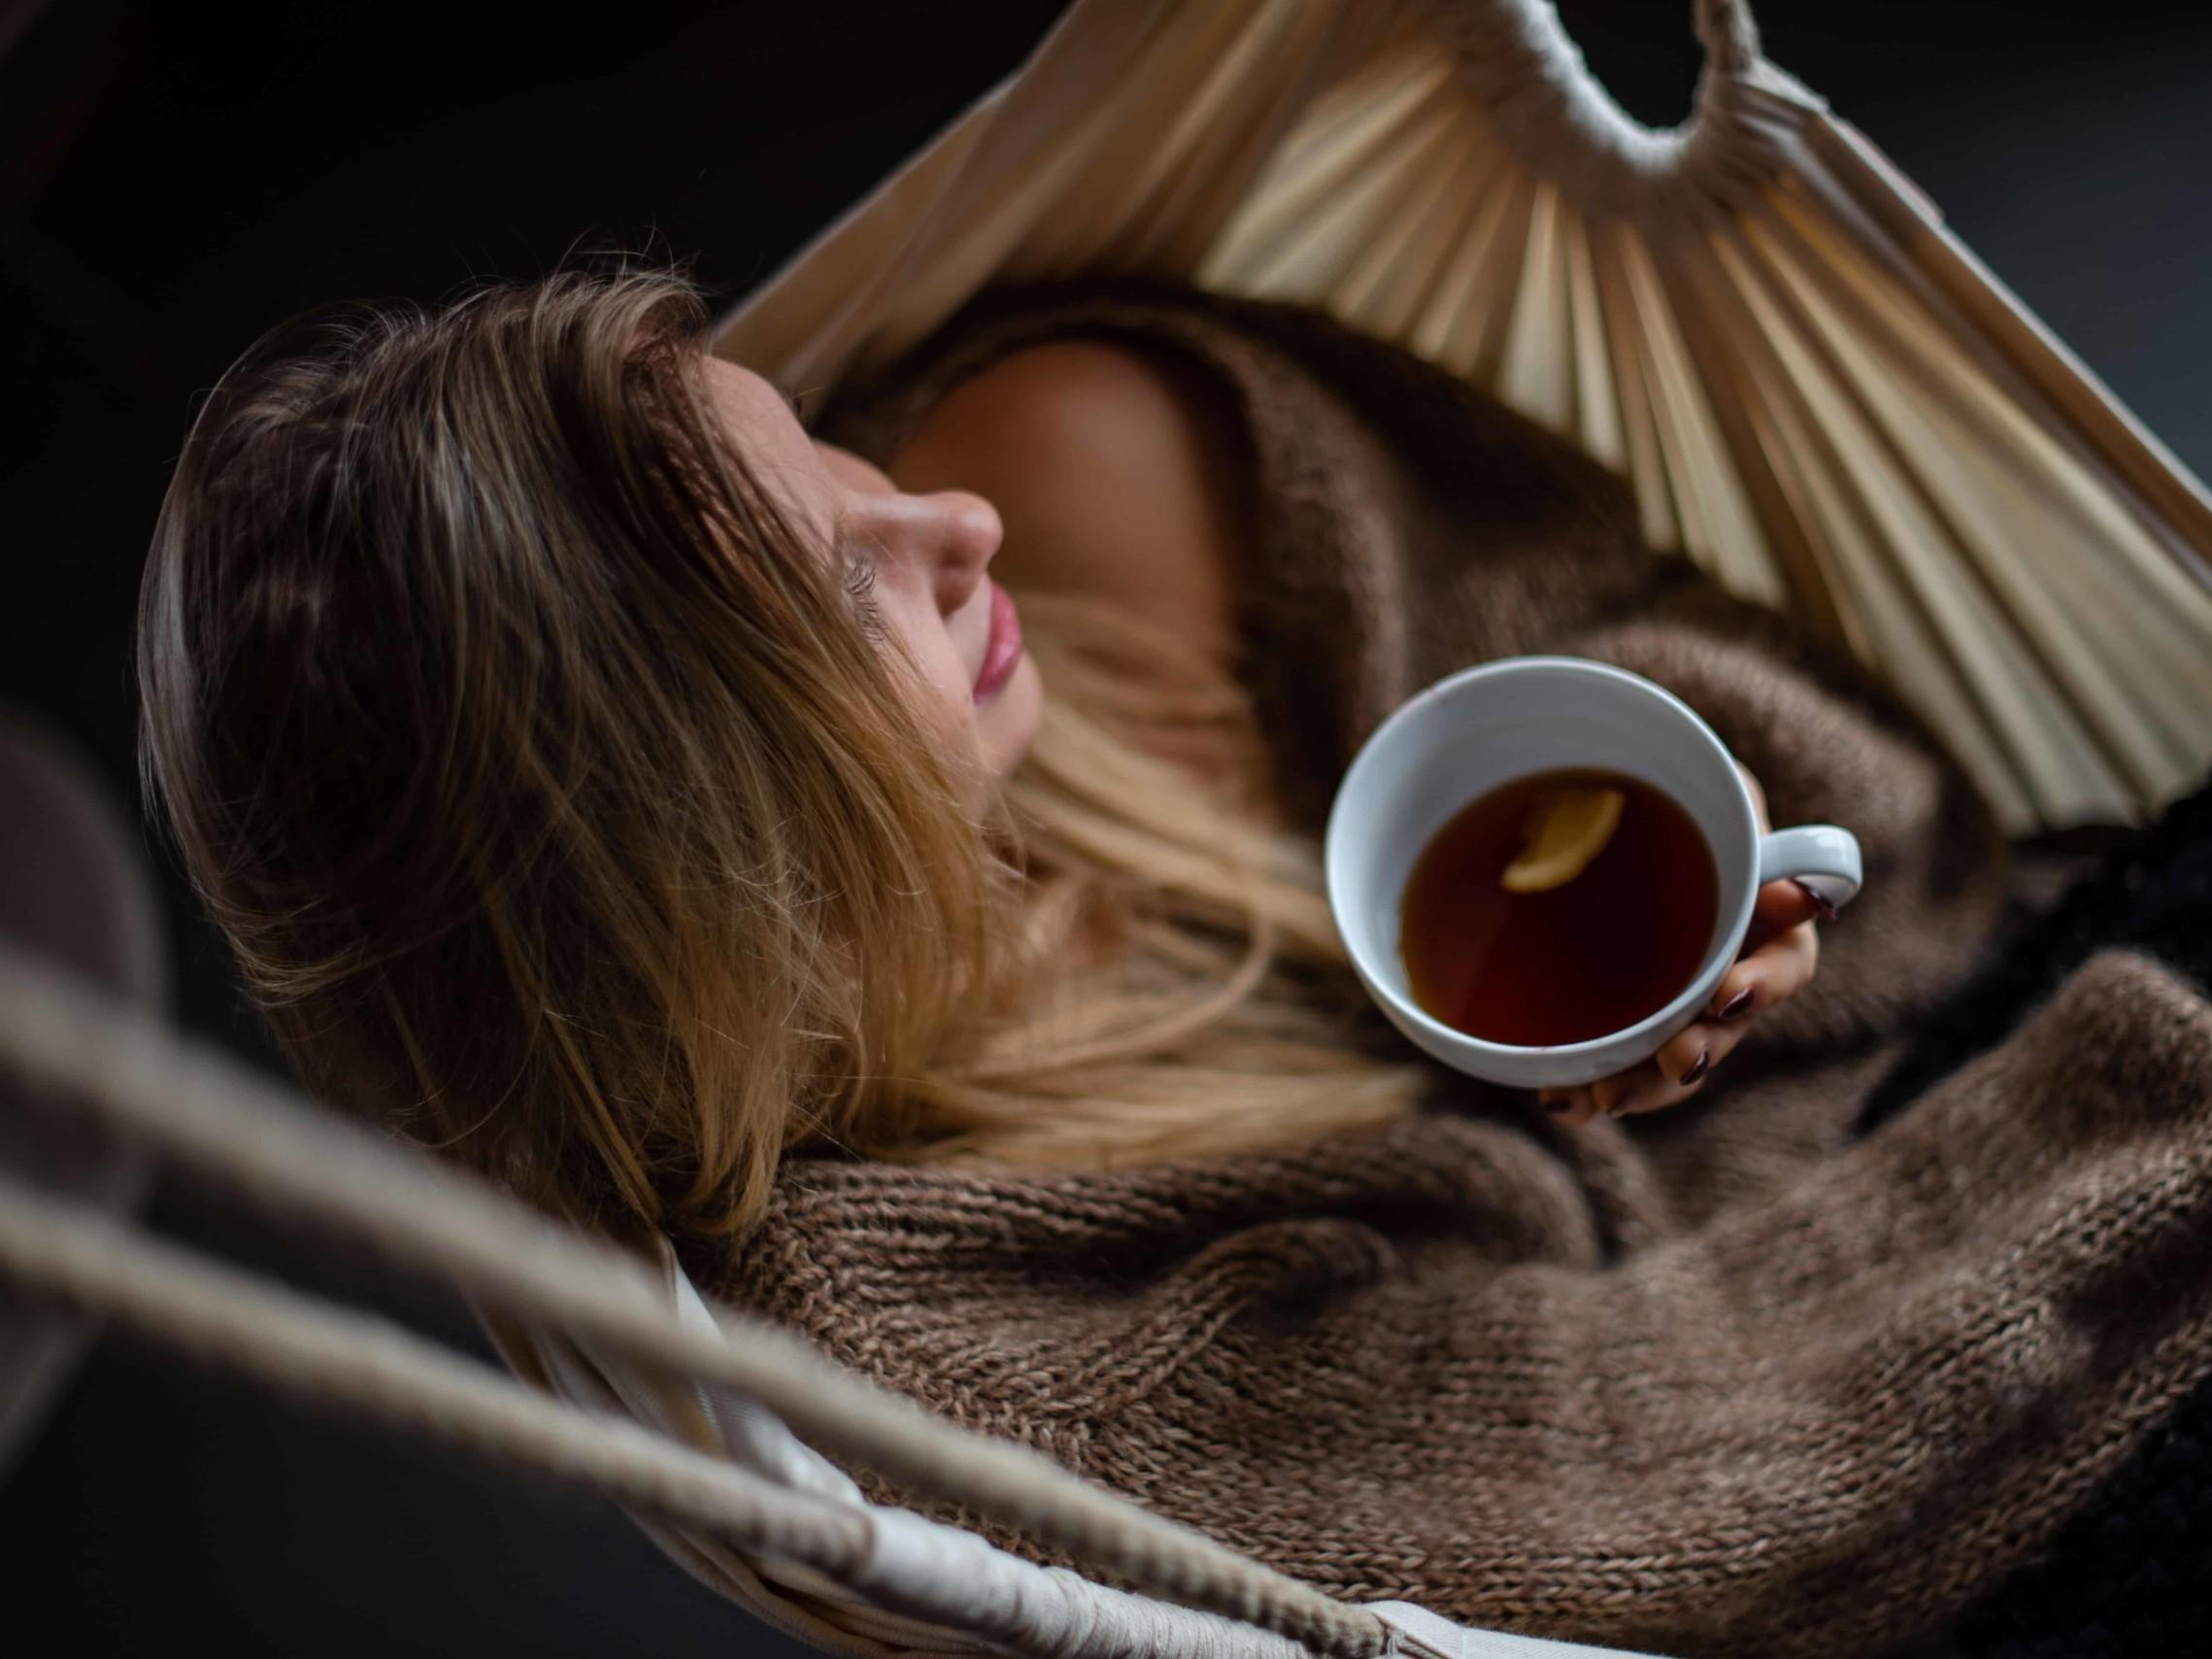 Ravintoterapeutin 5 vinkkiä flunssan torjuntaan